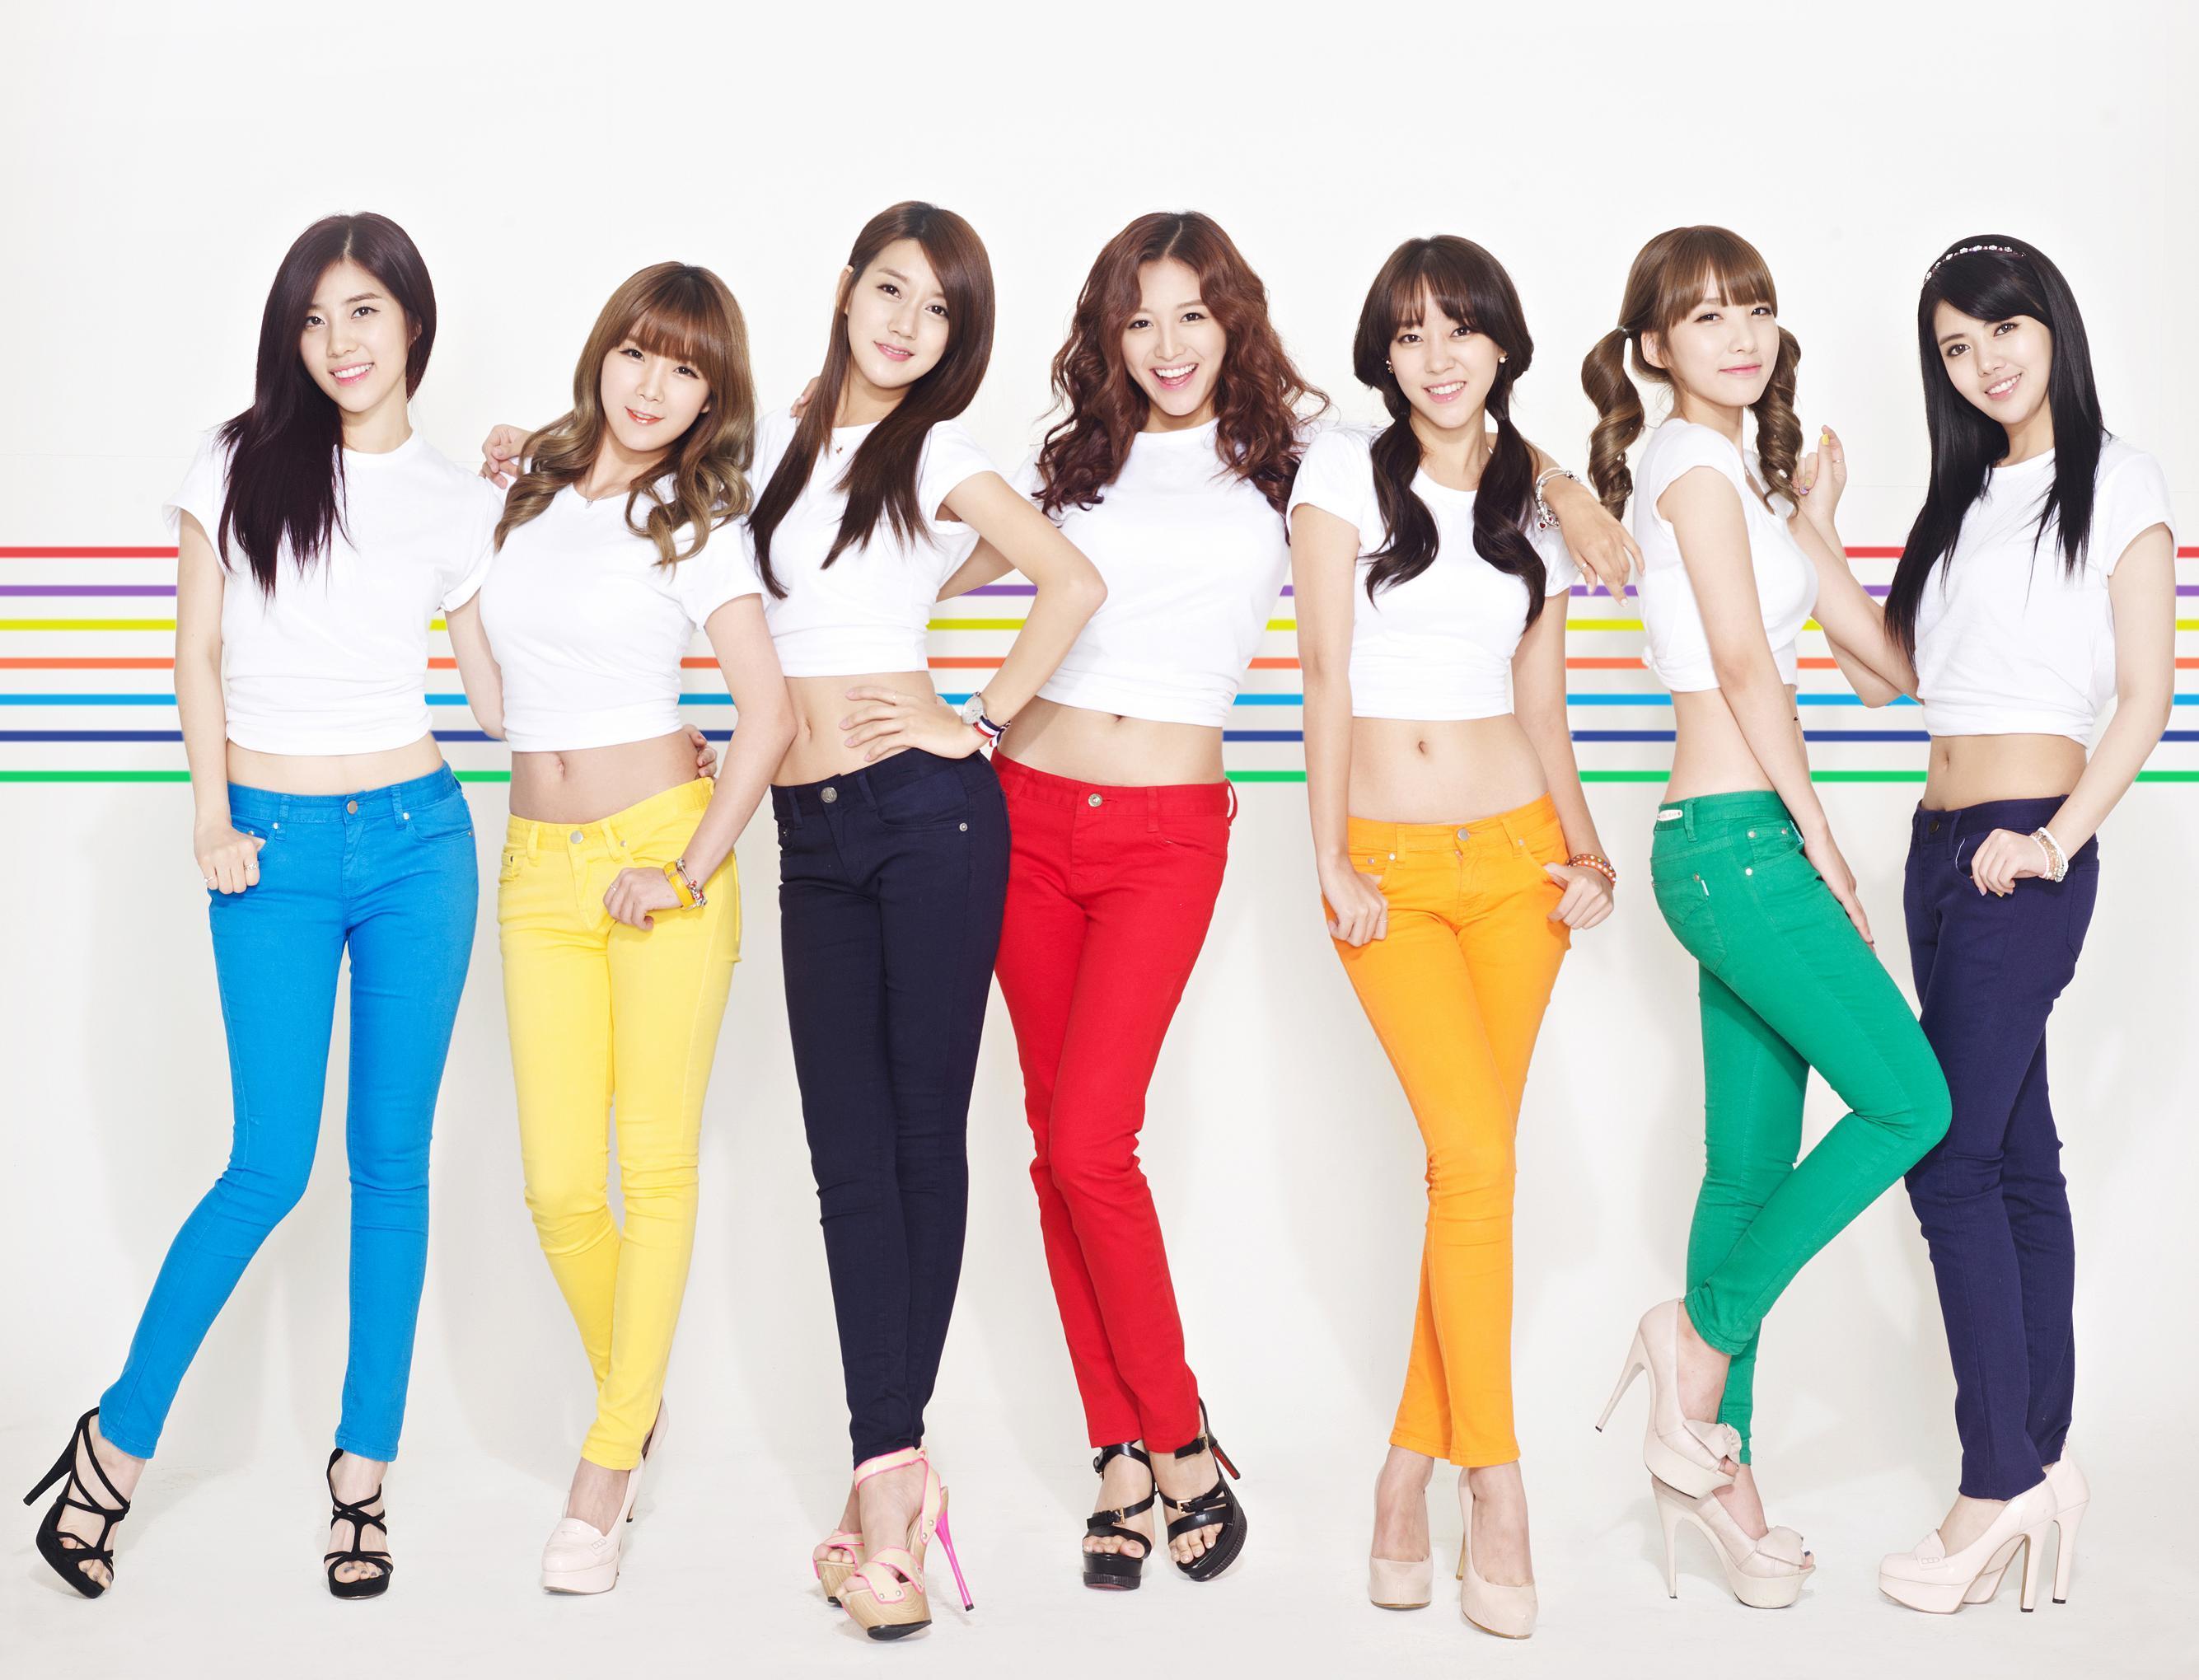 韓国人 美女画像 K-POP RAINBOWプロフィール